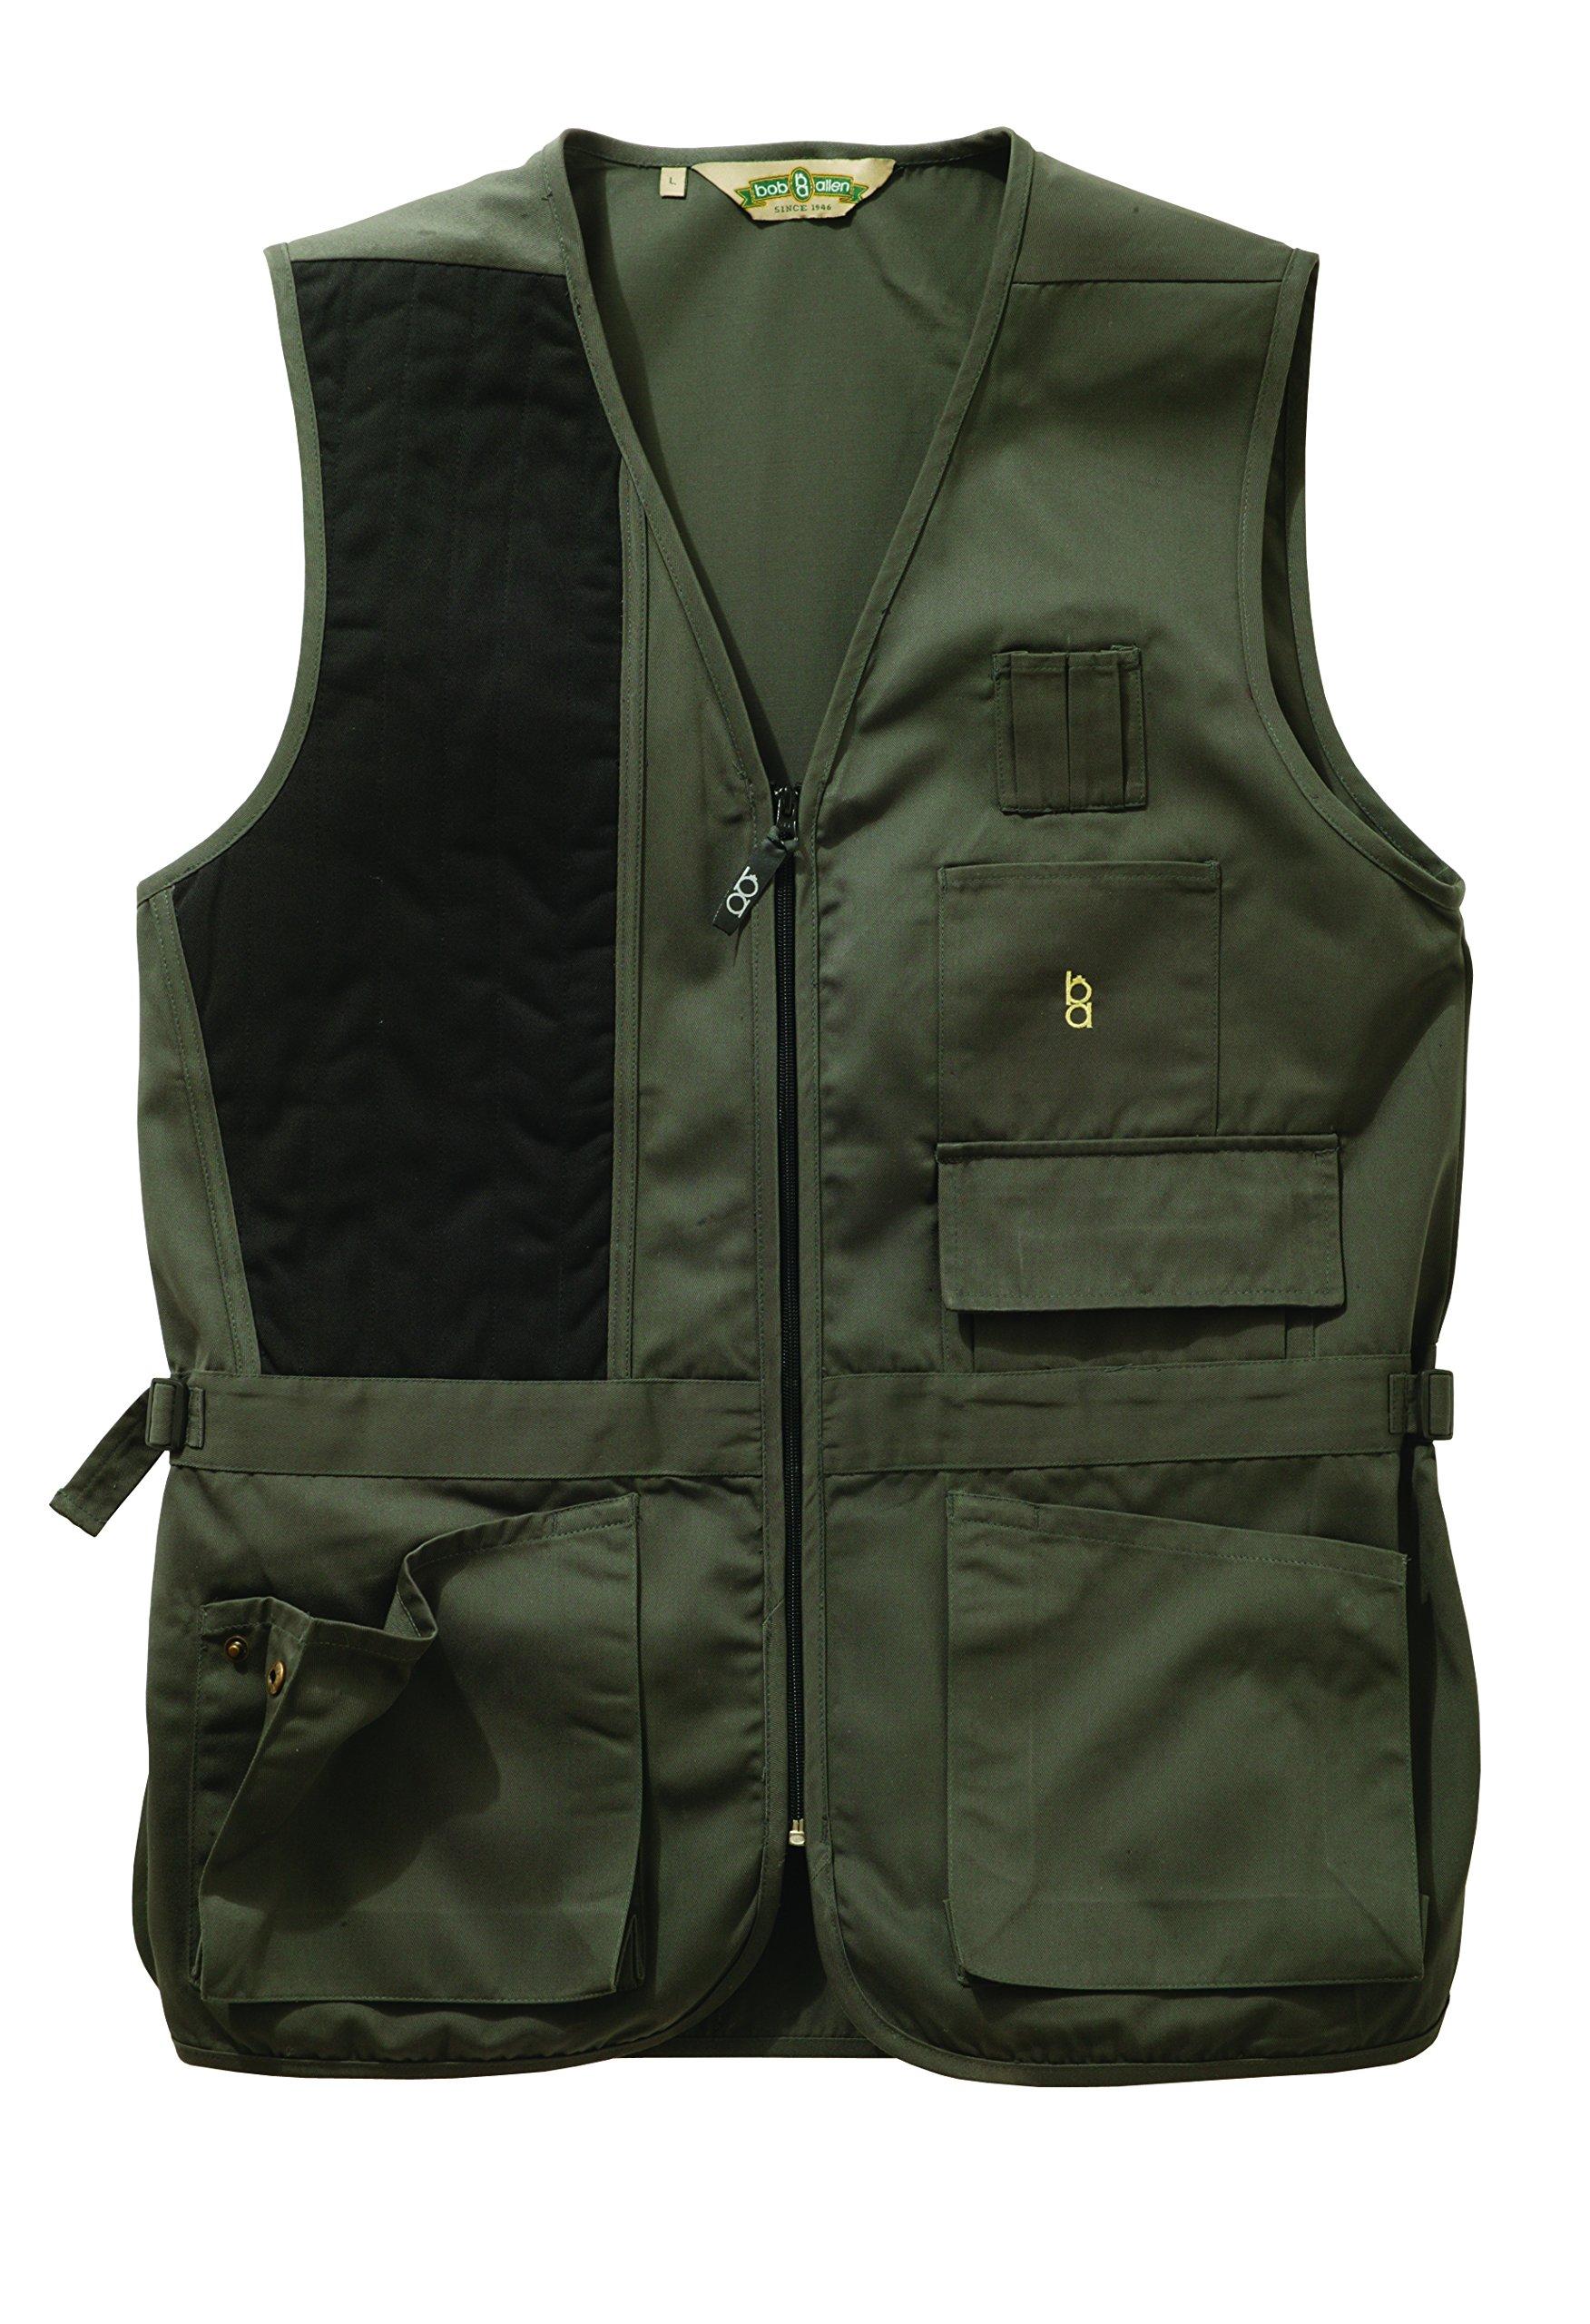 Bob-Allen 30190 240S Shooting Vest, Right Handed, Sage, Medium